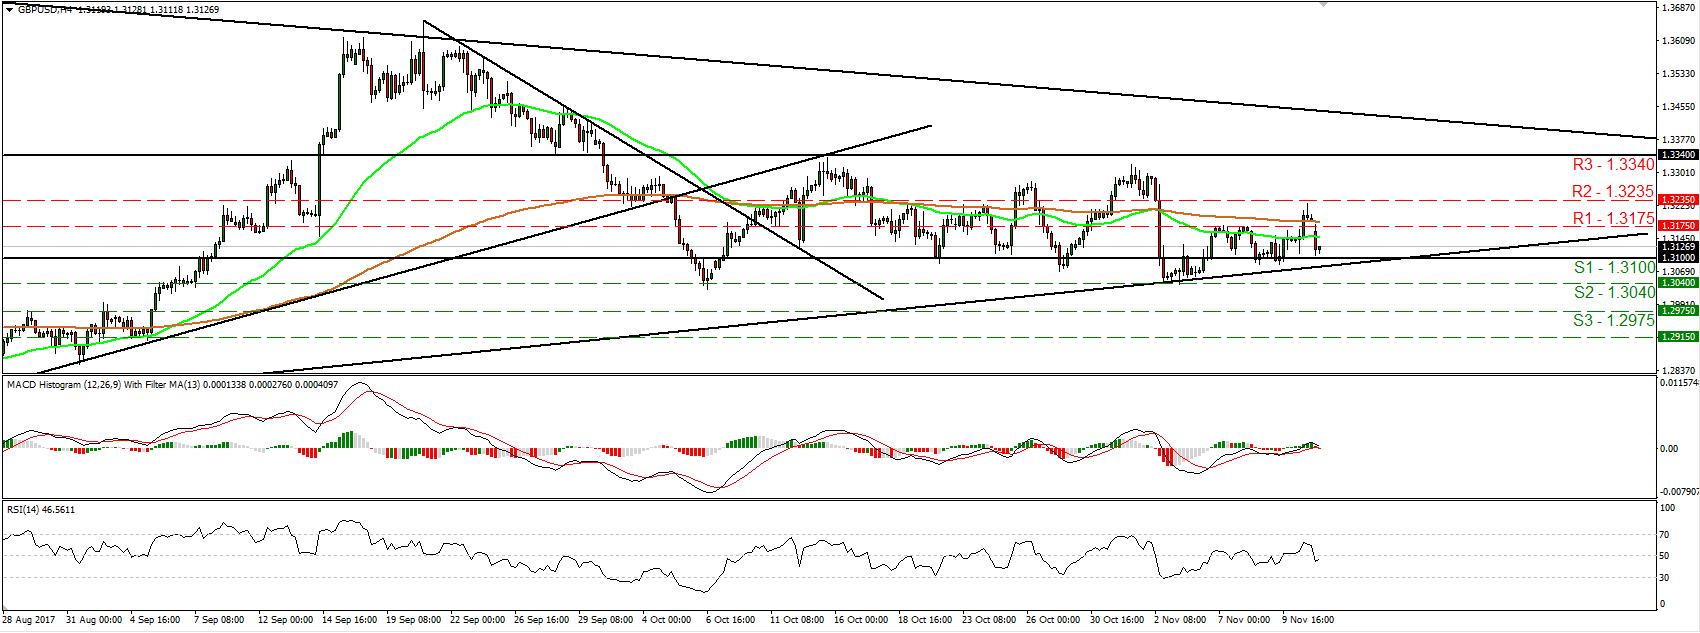 GBP/USD 13 Nov 2017 | Econ Alerts